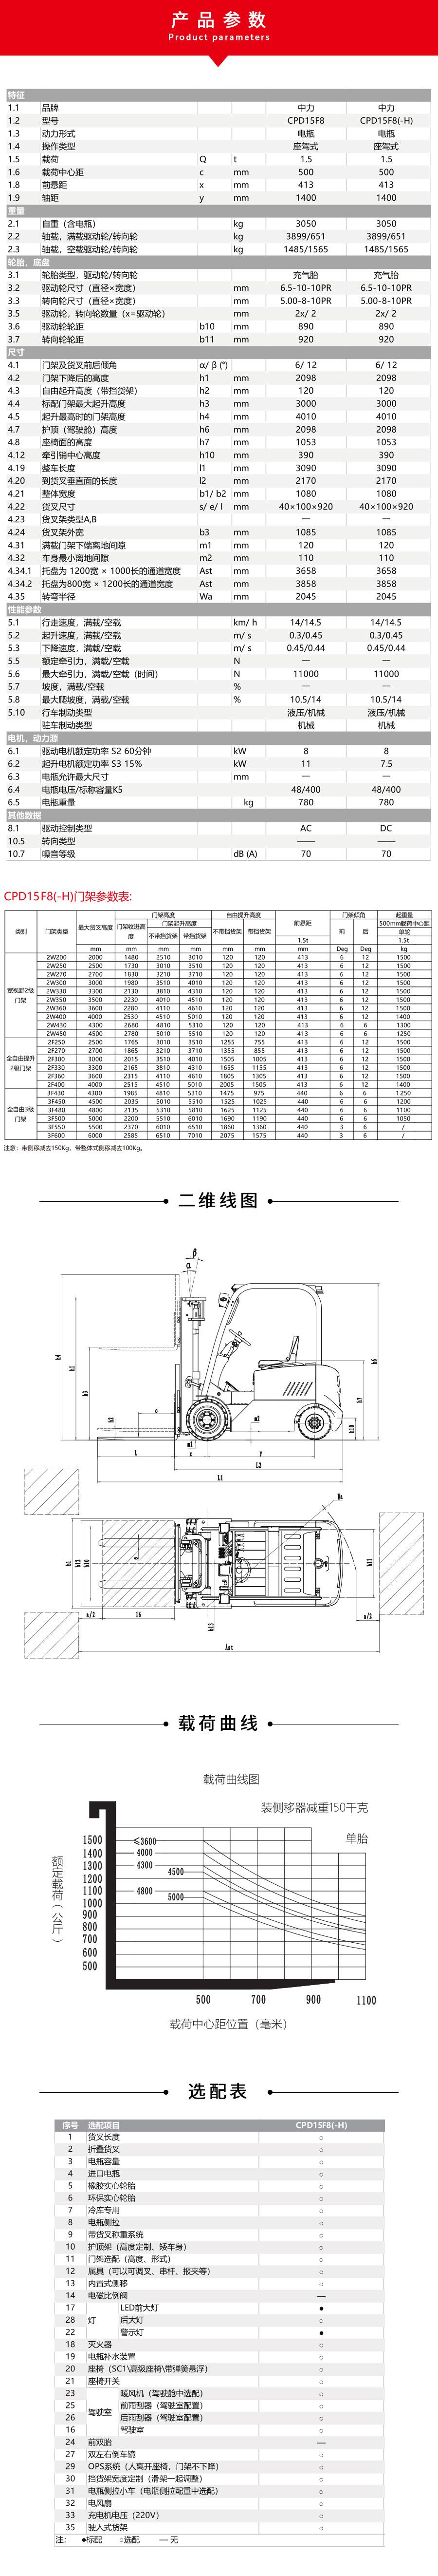 中力 1.5吨/1.8吨电动平衡重叉车 CPD15F8/18F8/18F8H